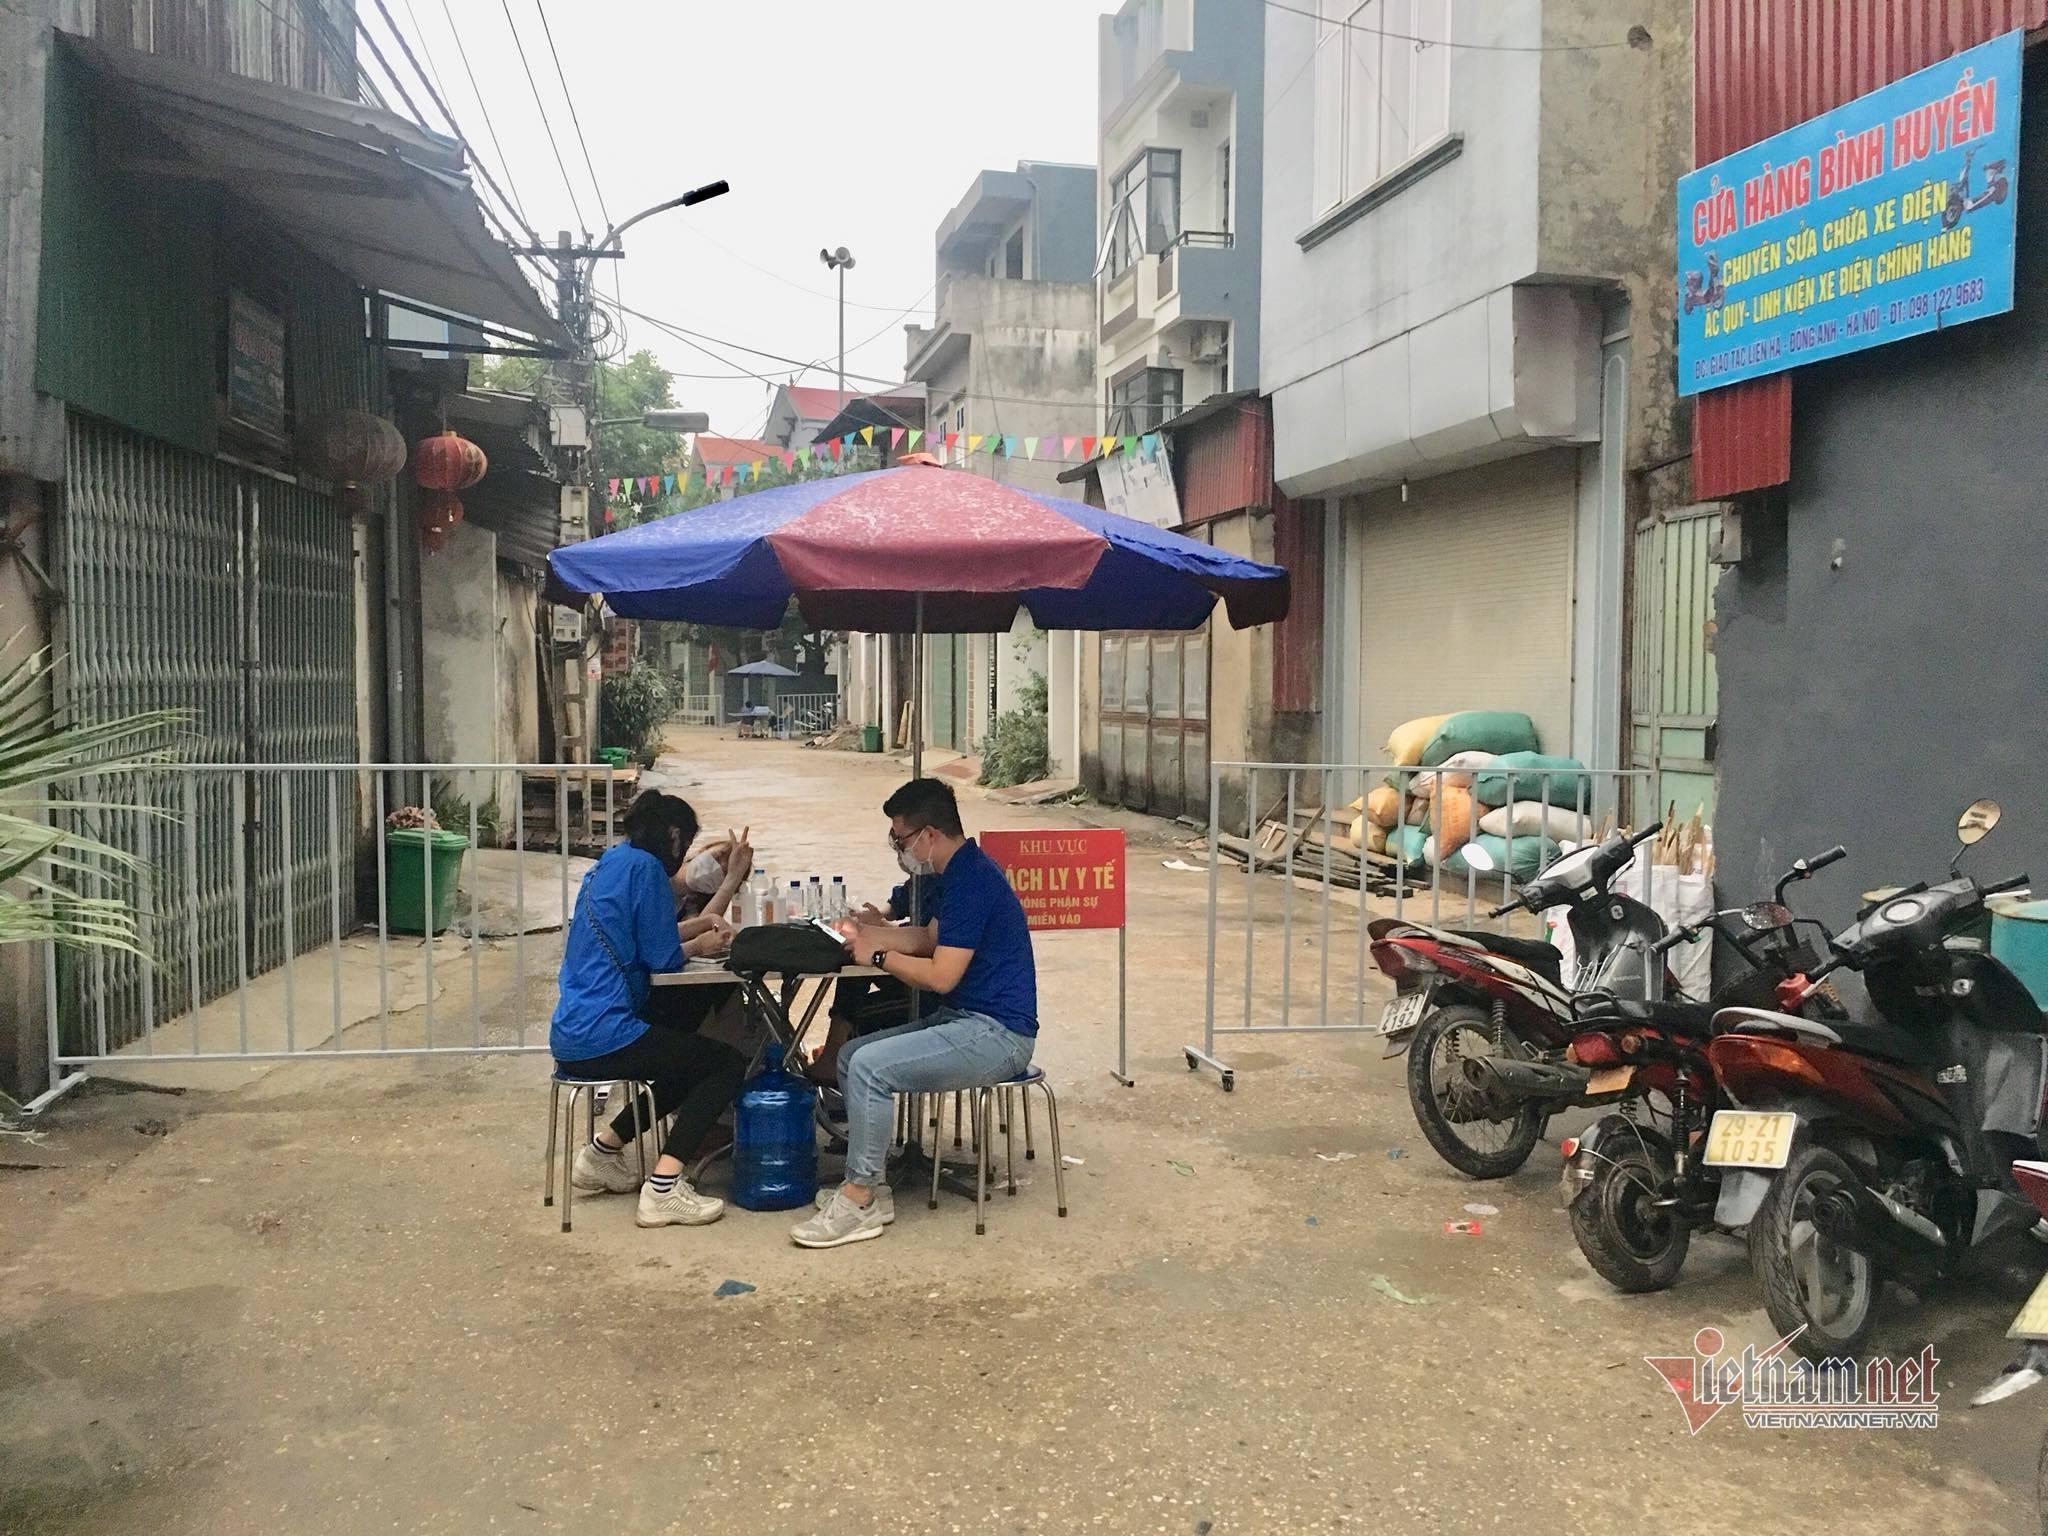 Hà Nội cách ly 39 người trong 2 thôn ở huyện Đông Anh